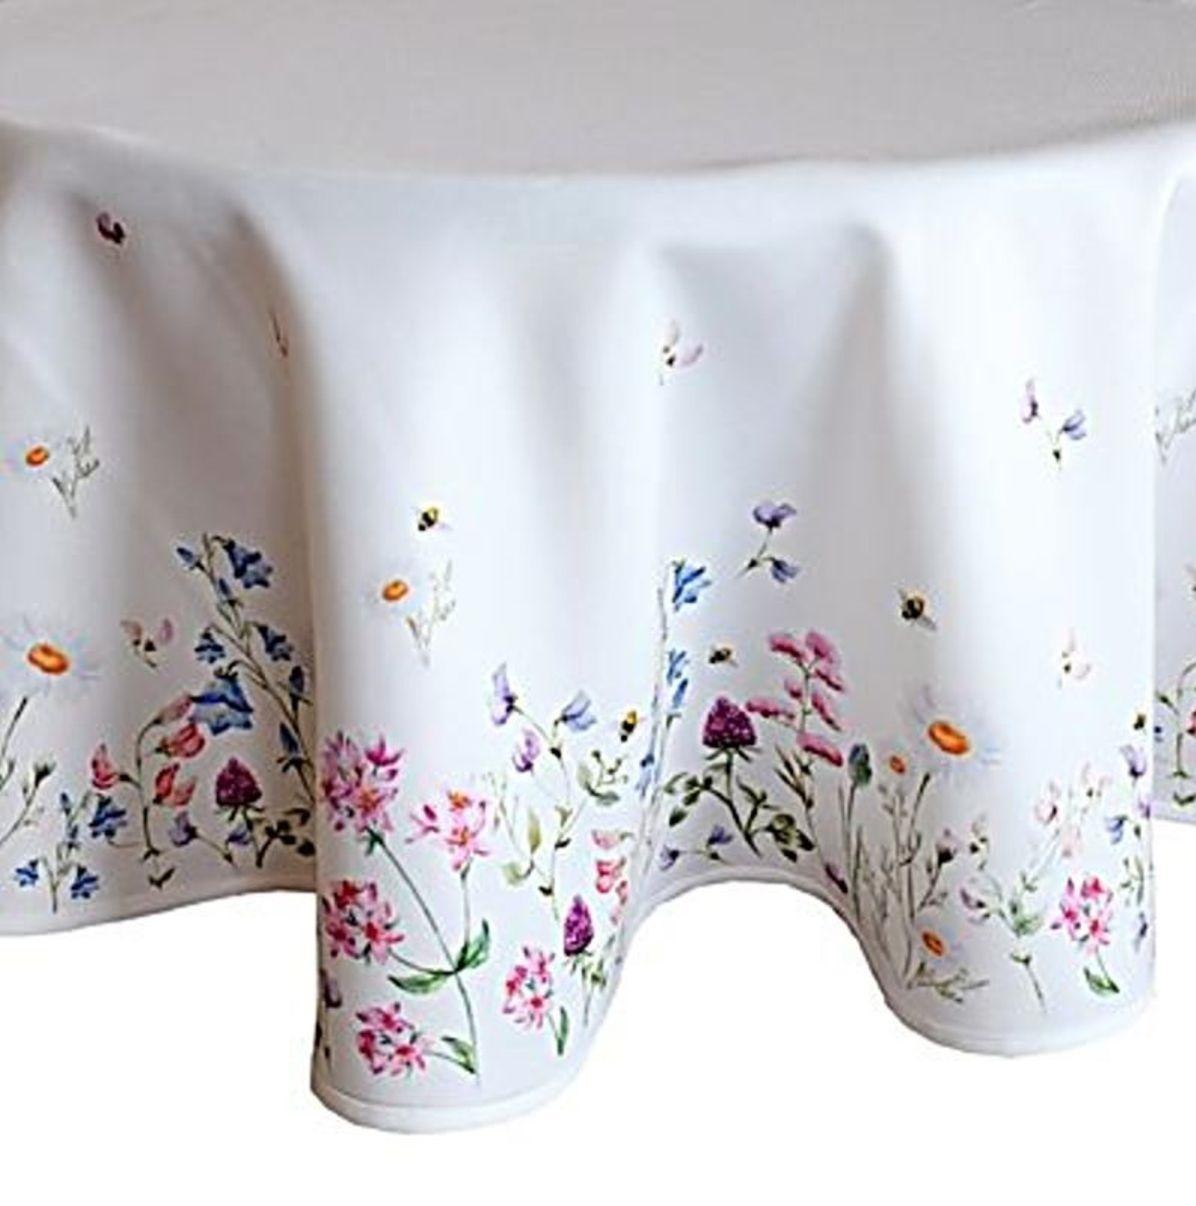 Tischtuch Rund Pflegeleicht Weiß Blumenwiese Bunt Frühling Tafeltuch ...